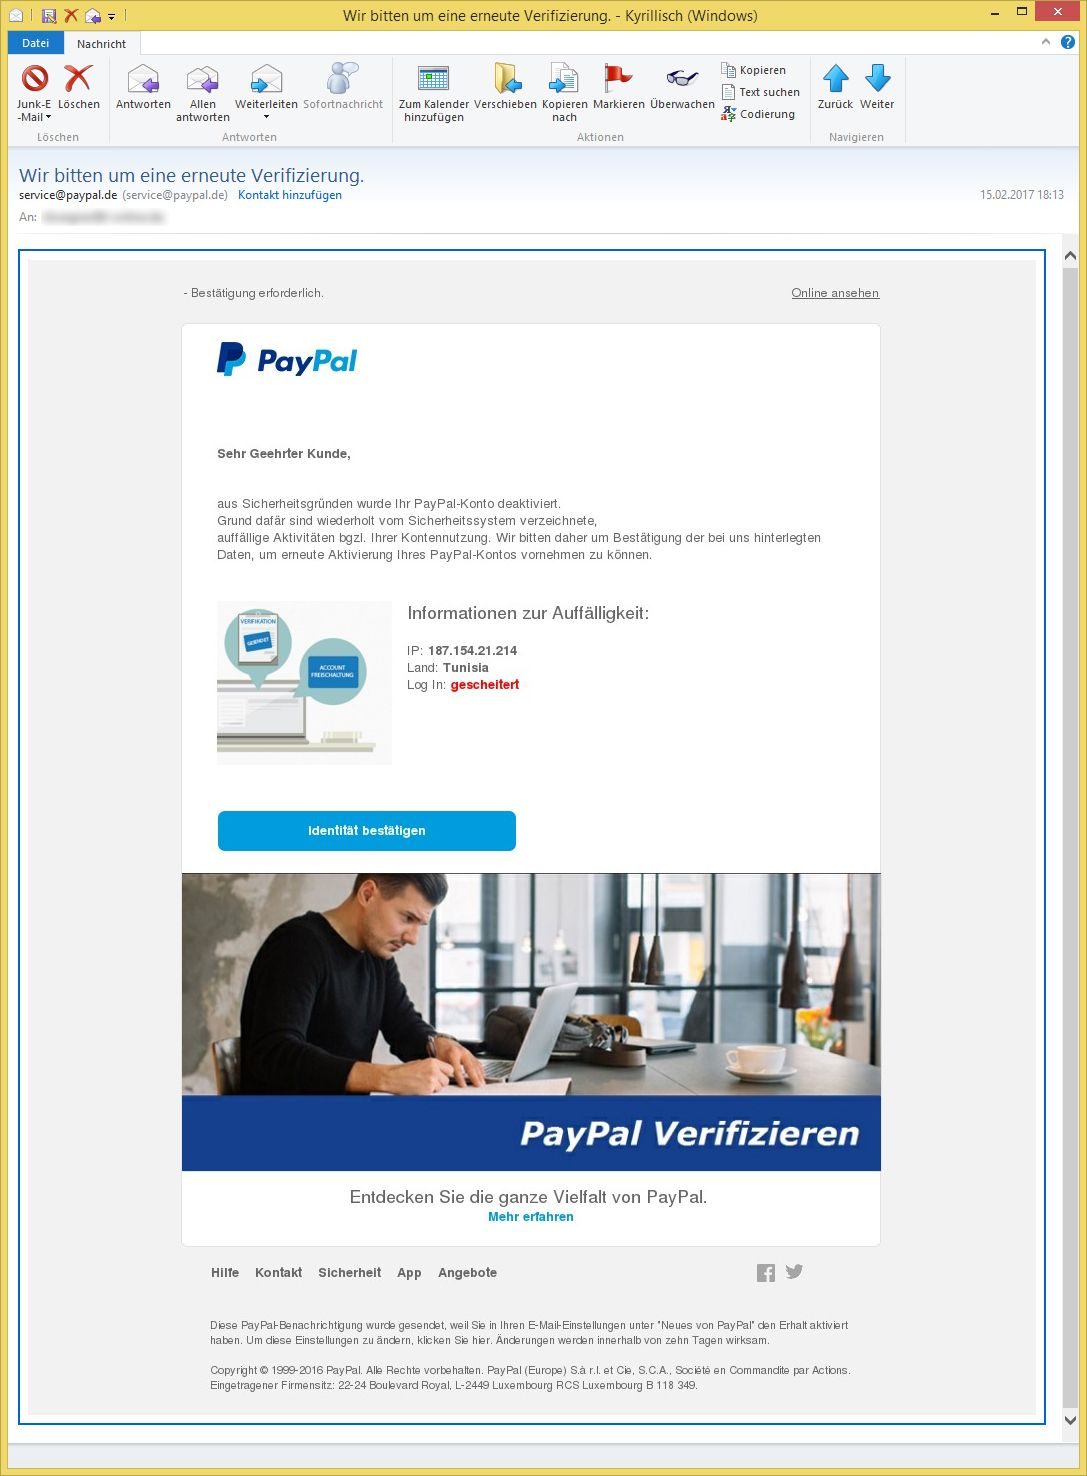 Paypal Erneute Verifizierung 2020